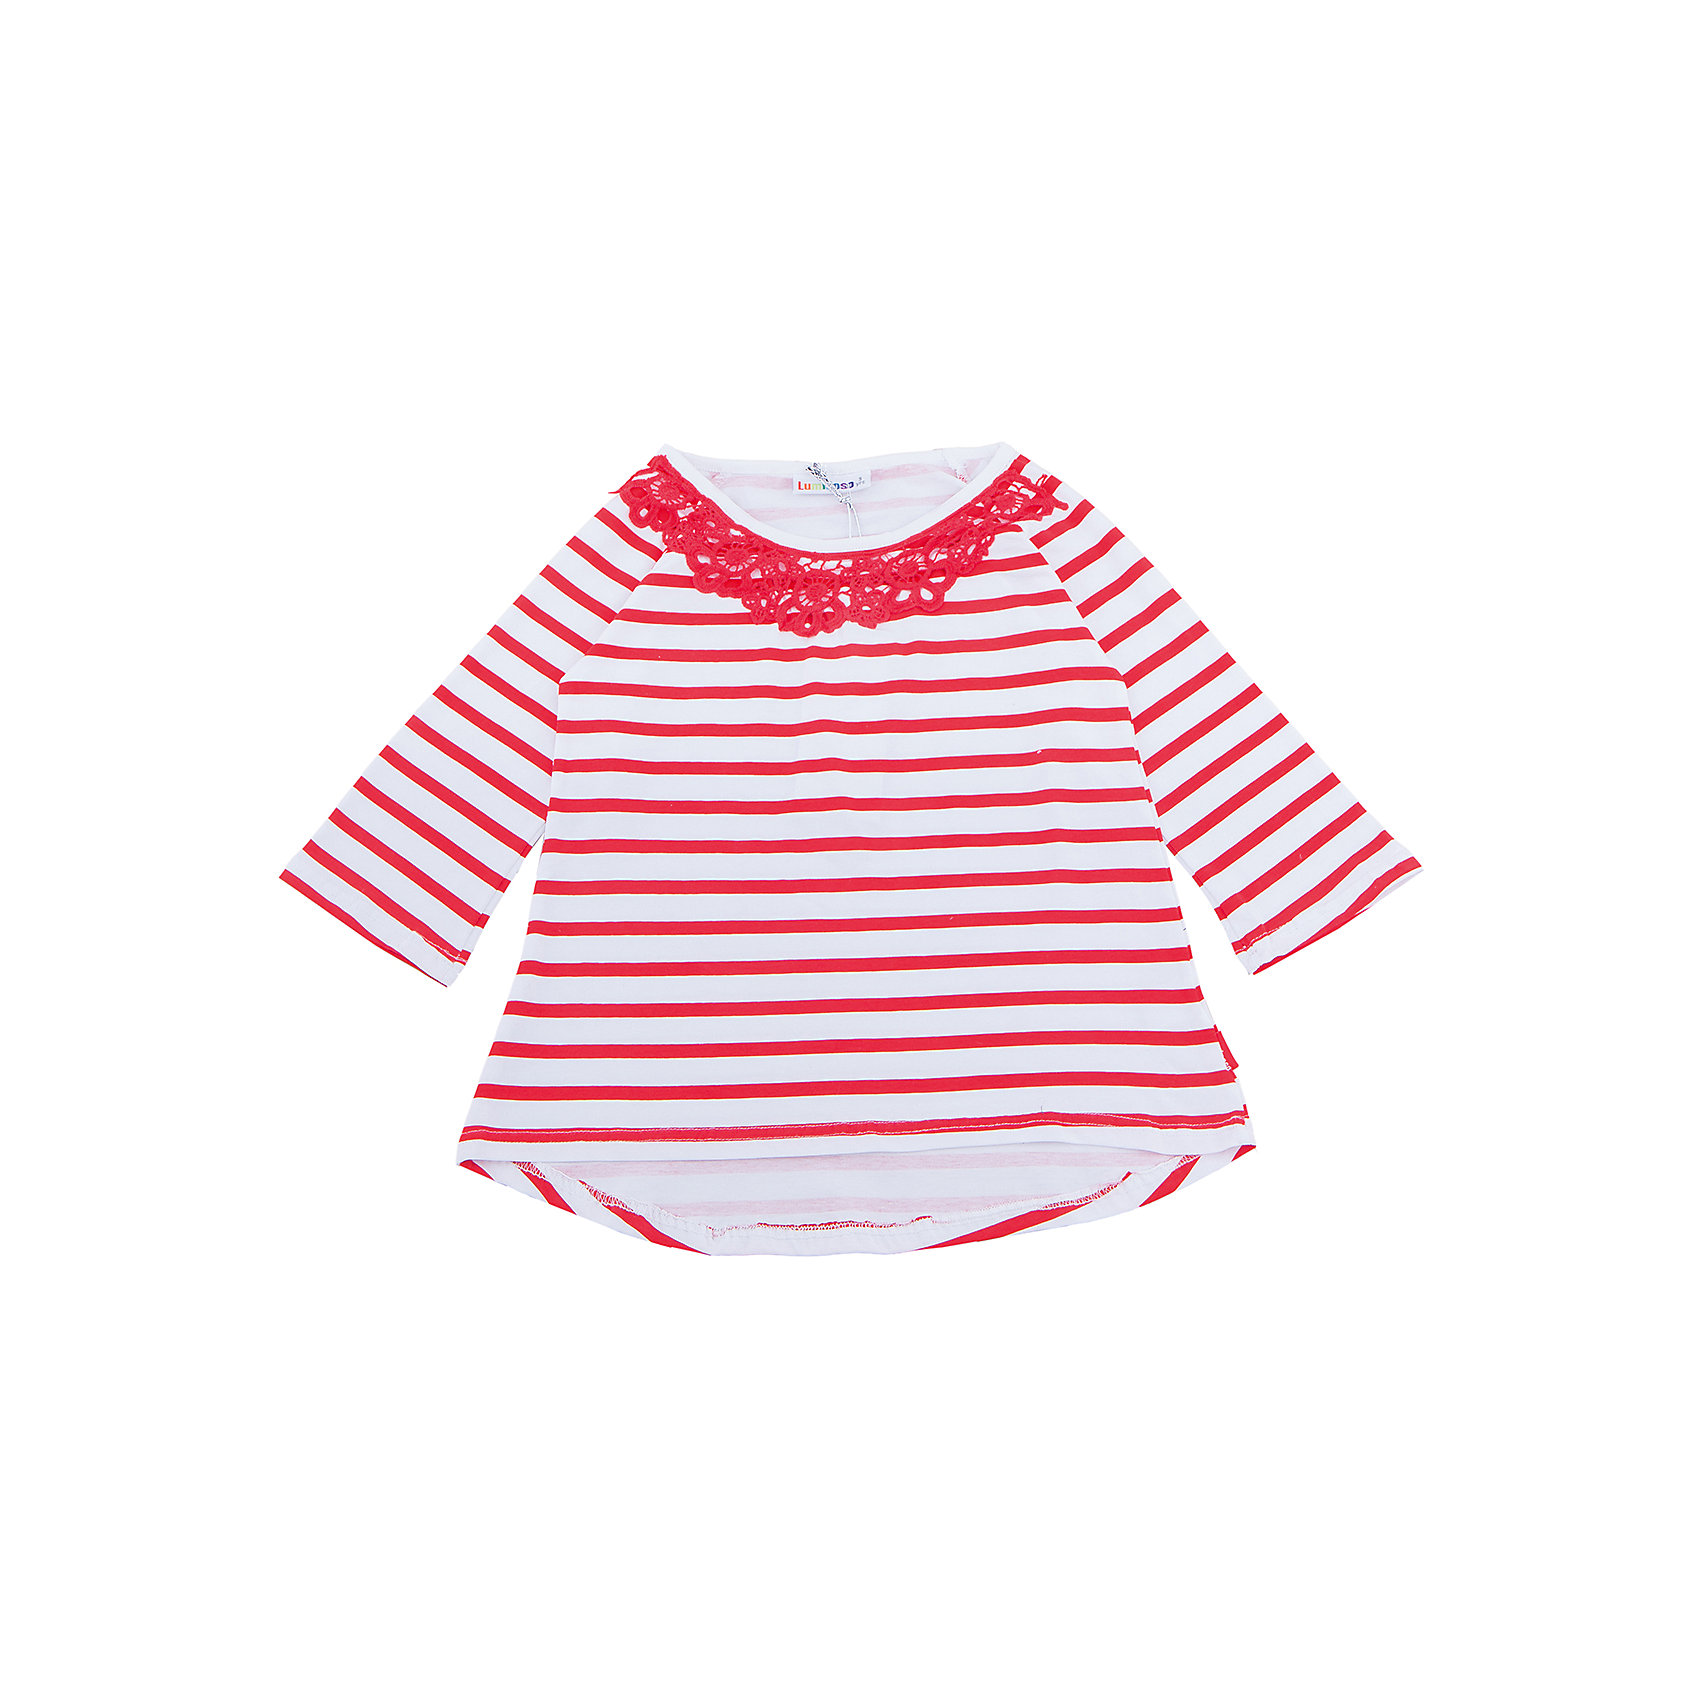 Футболка с длинным рукавом для девочки LuminosoФутболки с длинным рукавом<br>Стильная футболка из  трикотажной ткани в полоску для девочки с рукавом 3/4 и удлиненной спинкой. Декорирована кружевным плитением.<br>Состав:<br>95%хлопок 5%эластан<br><br>Ширина мм: 199<br>Глубина мм: 10<br>Высота мм: 161<br>Вес г: 151<br>Цвет: разноцветный<br>Возраст от месяцев: 96<br>Возраст до месяцев: 108<br>Пол: Женский<br>Возраст: Детский<br>Размер: 134,164,140,146,152,158<br>SKU: 5413431